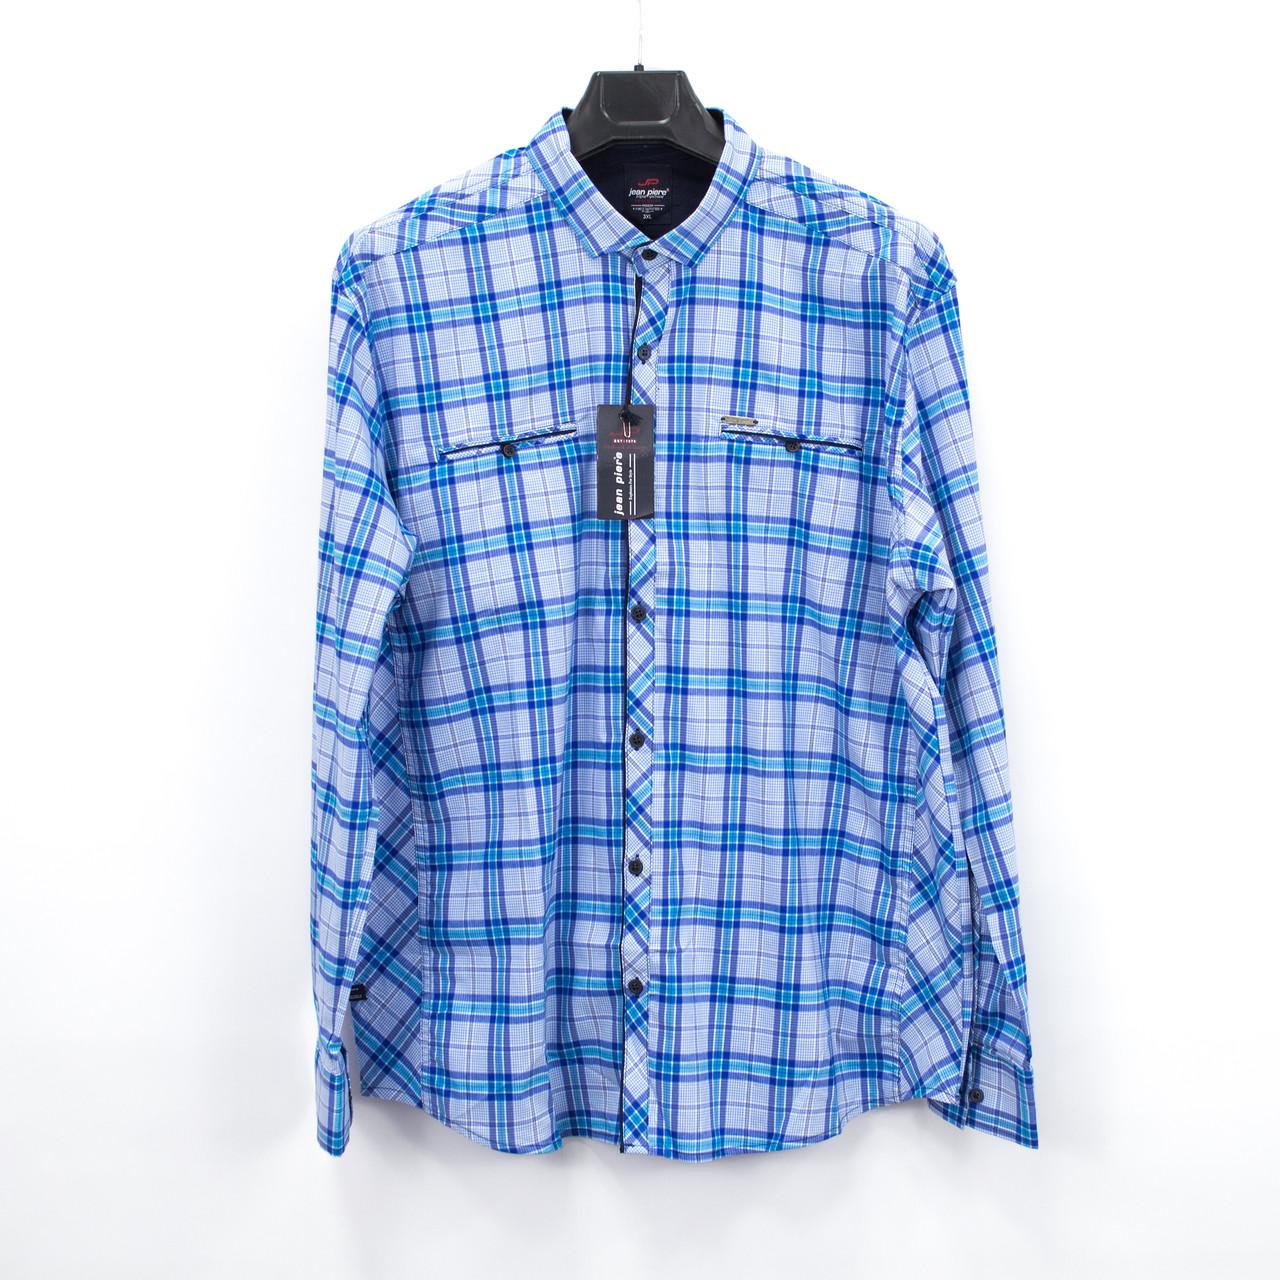 Сорочка чоловіча, приталена (Slim Fit), з довгим рукавом Bagarda JP8730-B WHITE 93% бавовна 7% еластан 3XL(Р)